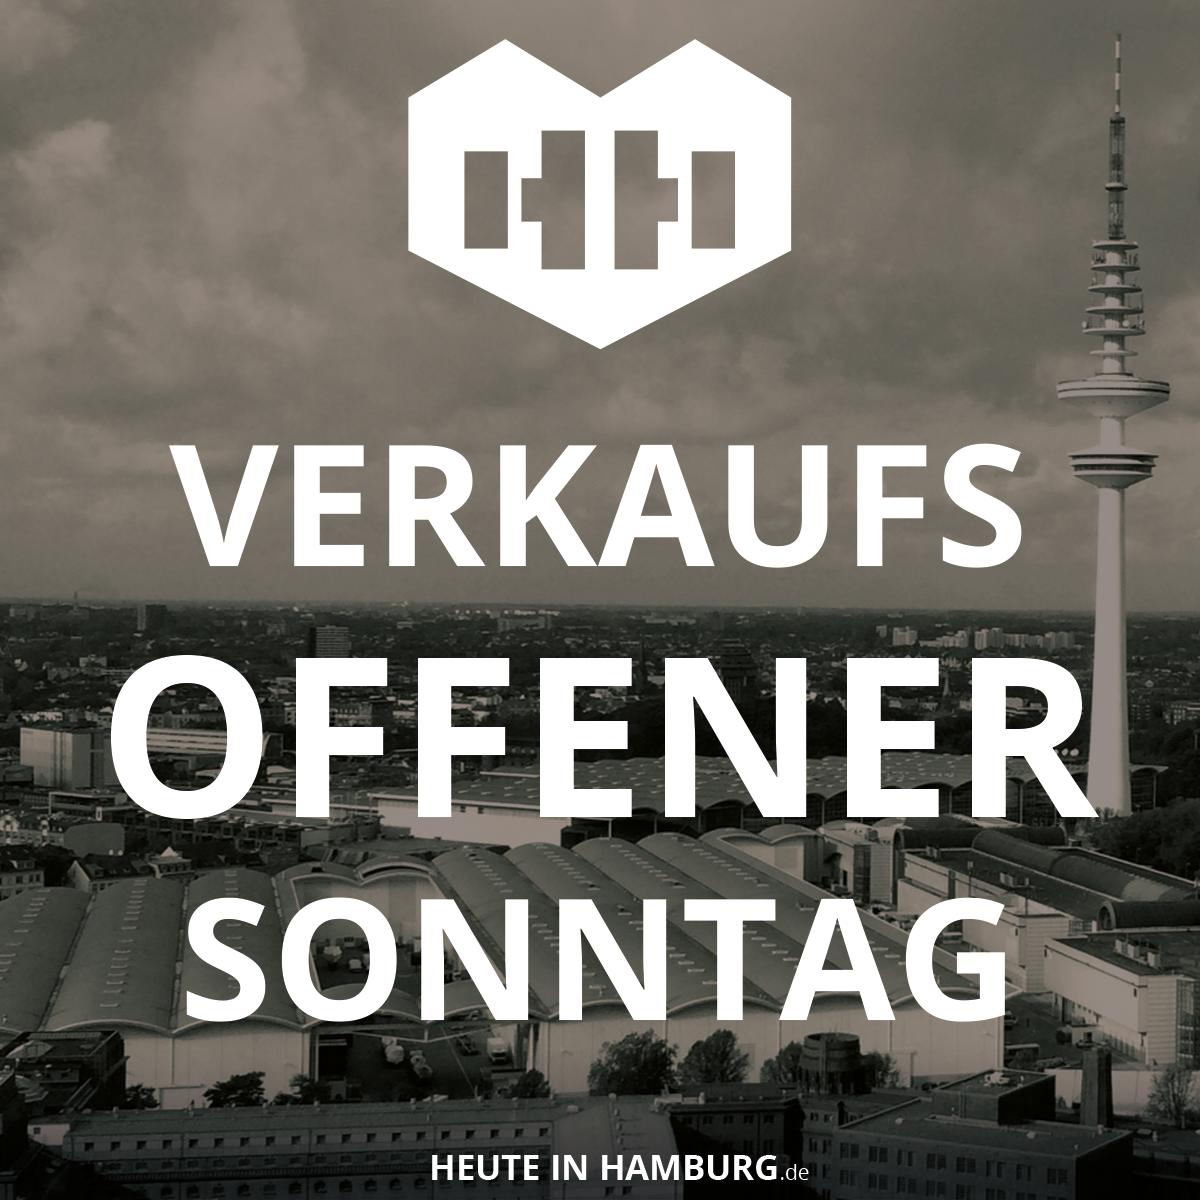 Verkaufsoffener Sonntag In Hamburg Ihr Wolltet Euch Schon Lange Um